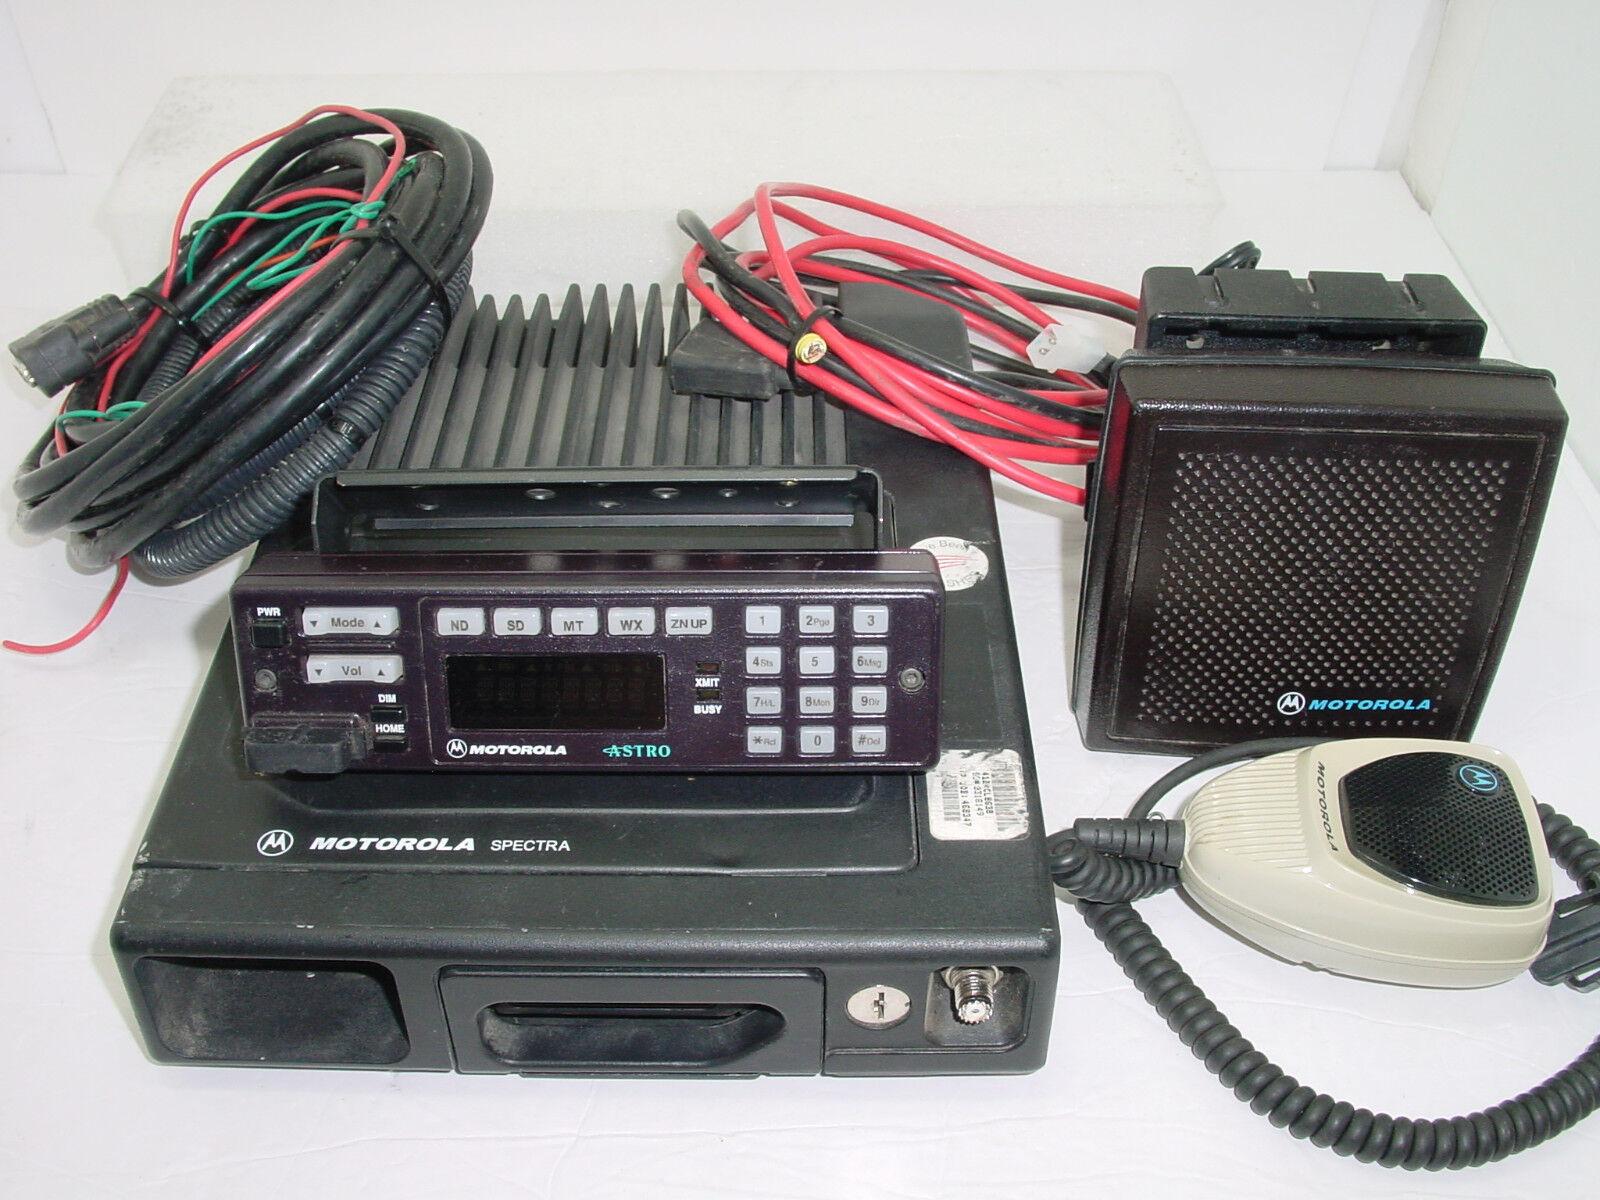 Motorola Astro Spectra VHF 50-110w 255CH 146-174 MHz W7 T04KLH9PW7AN T99DX+093W. Buy it now for 183.96